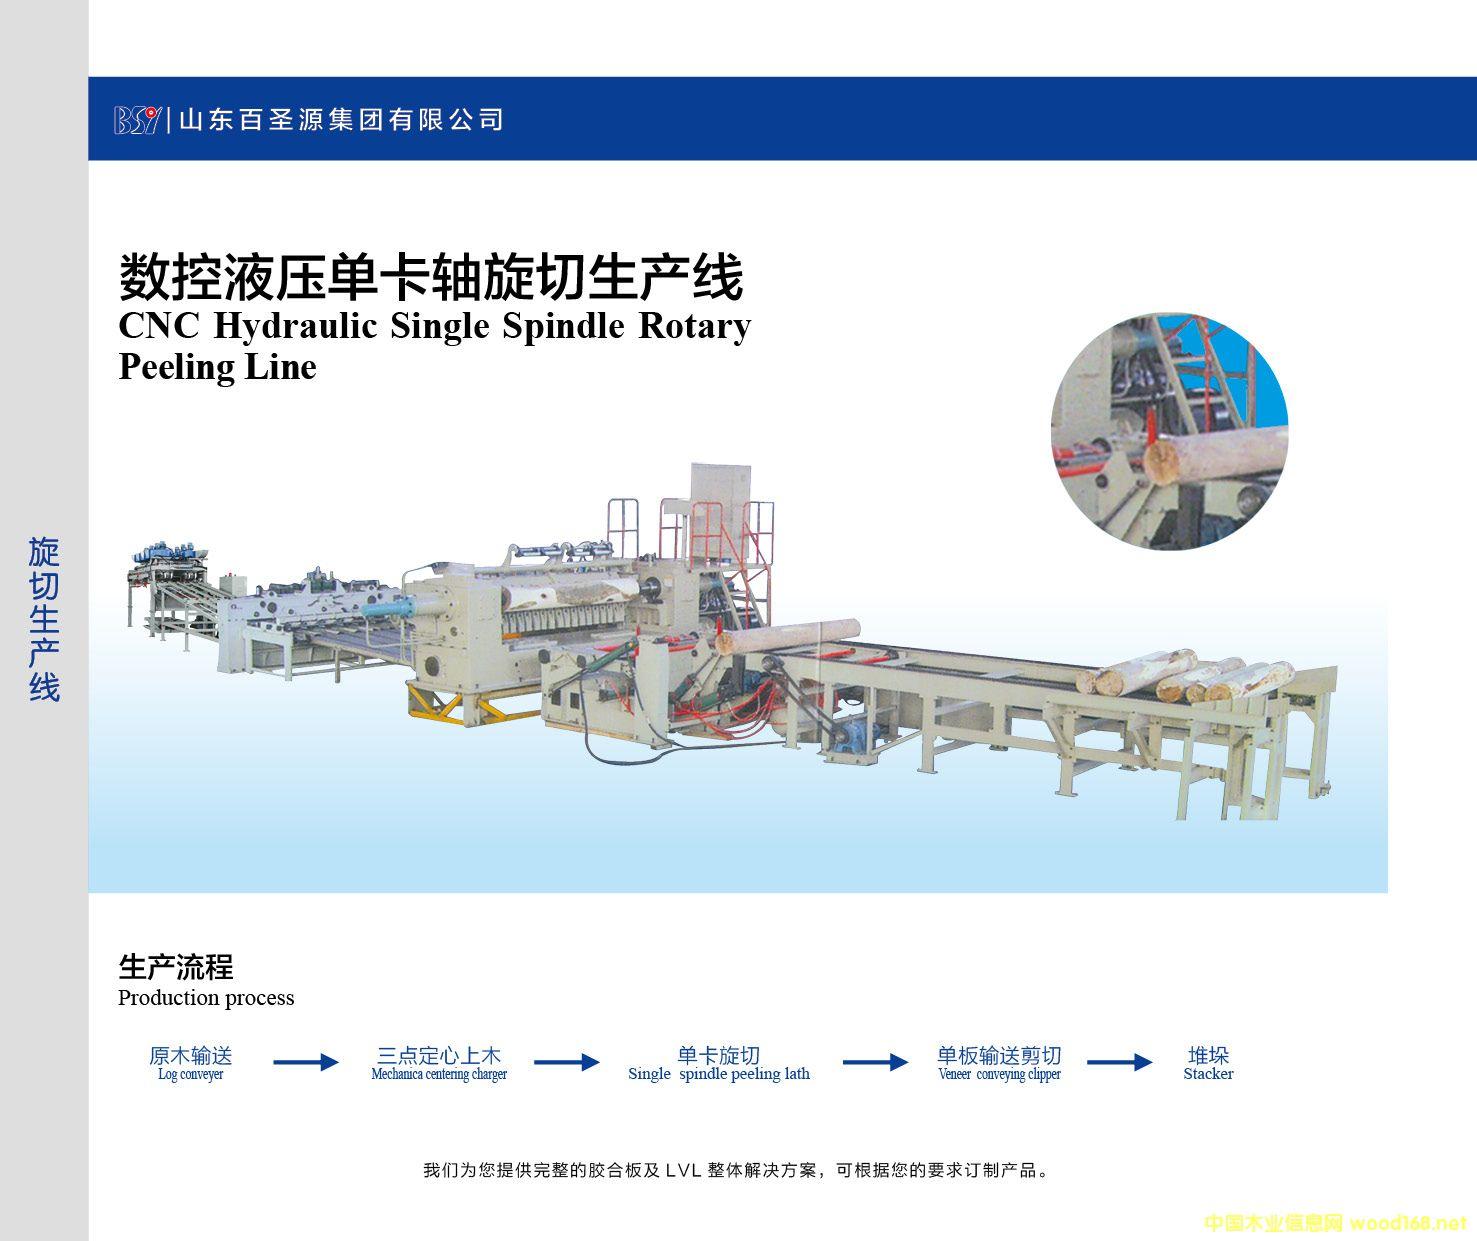 数控液压单卡轴旋切生产线的详细介绍